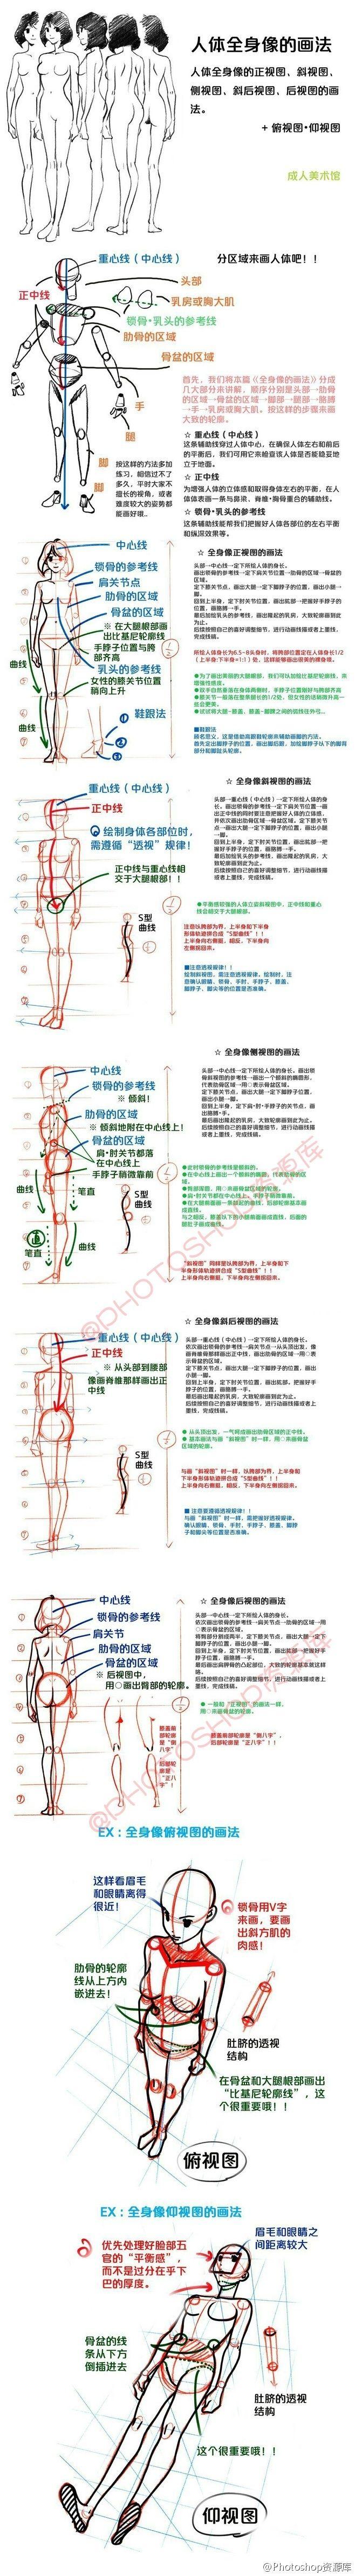 Yes_Man采集到漫画插画教程(397图)_花瓣插画/漫画